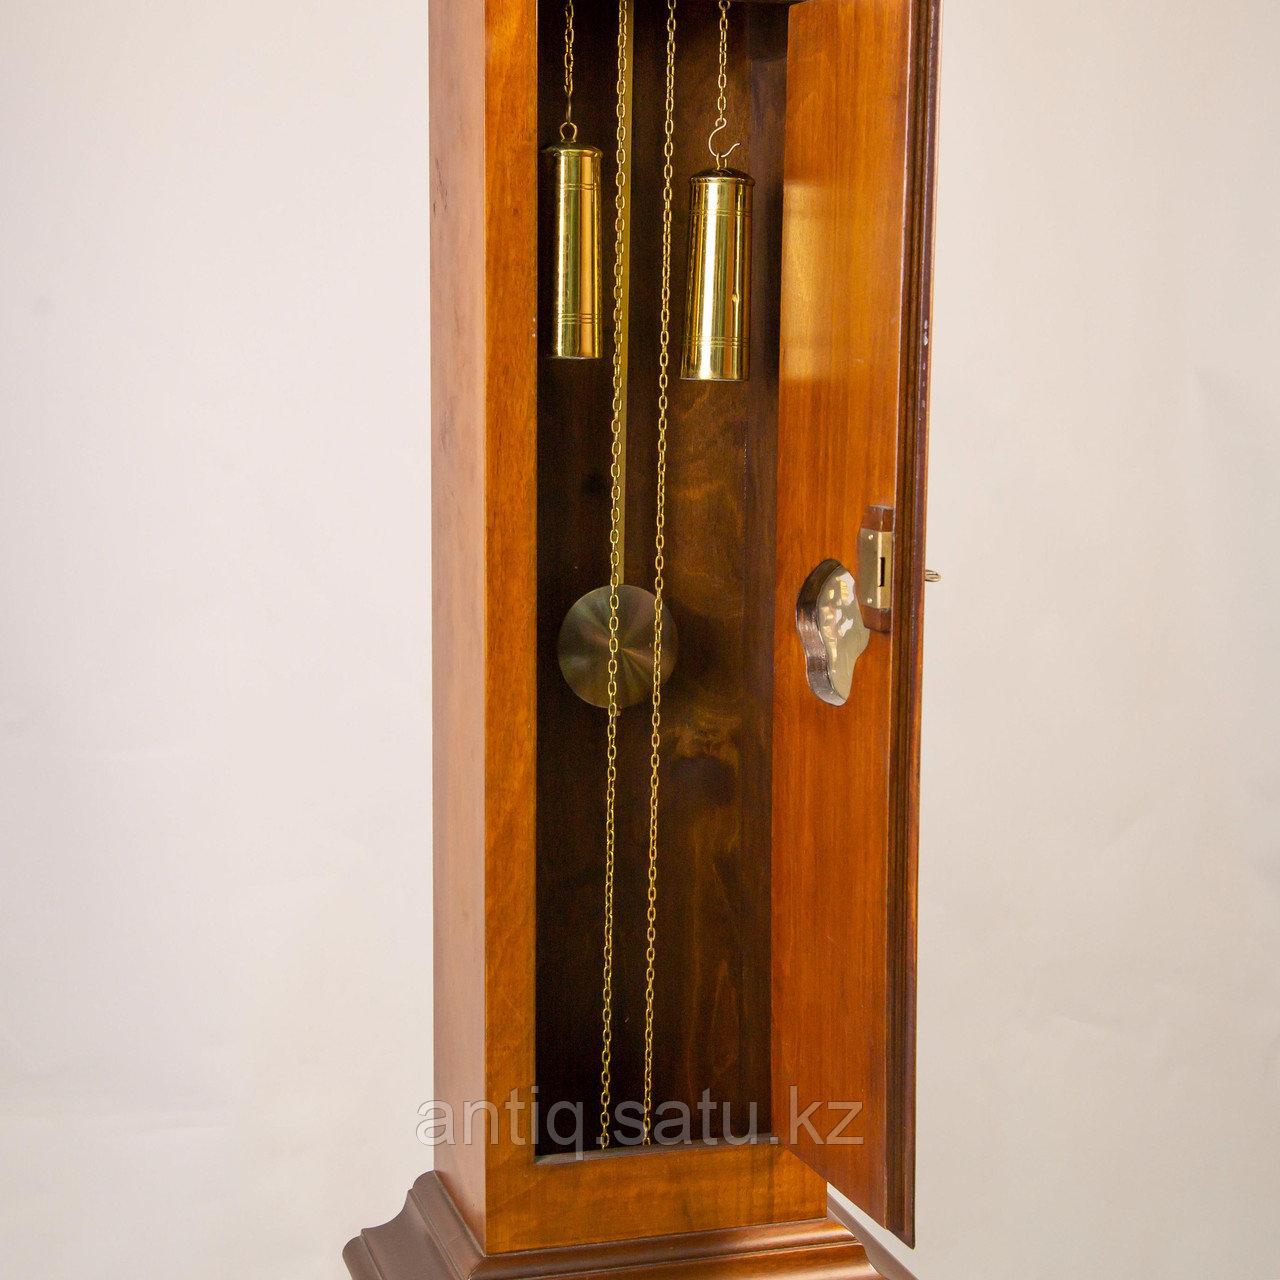 Напольные часы с лунным календарем. Голландия - фото 2